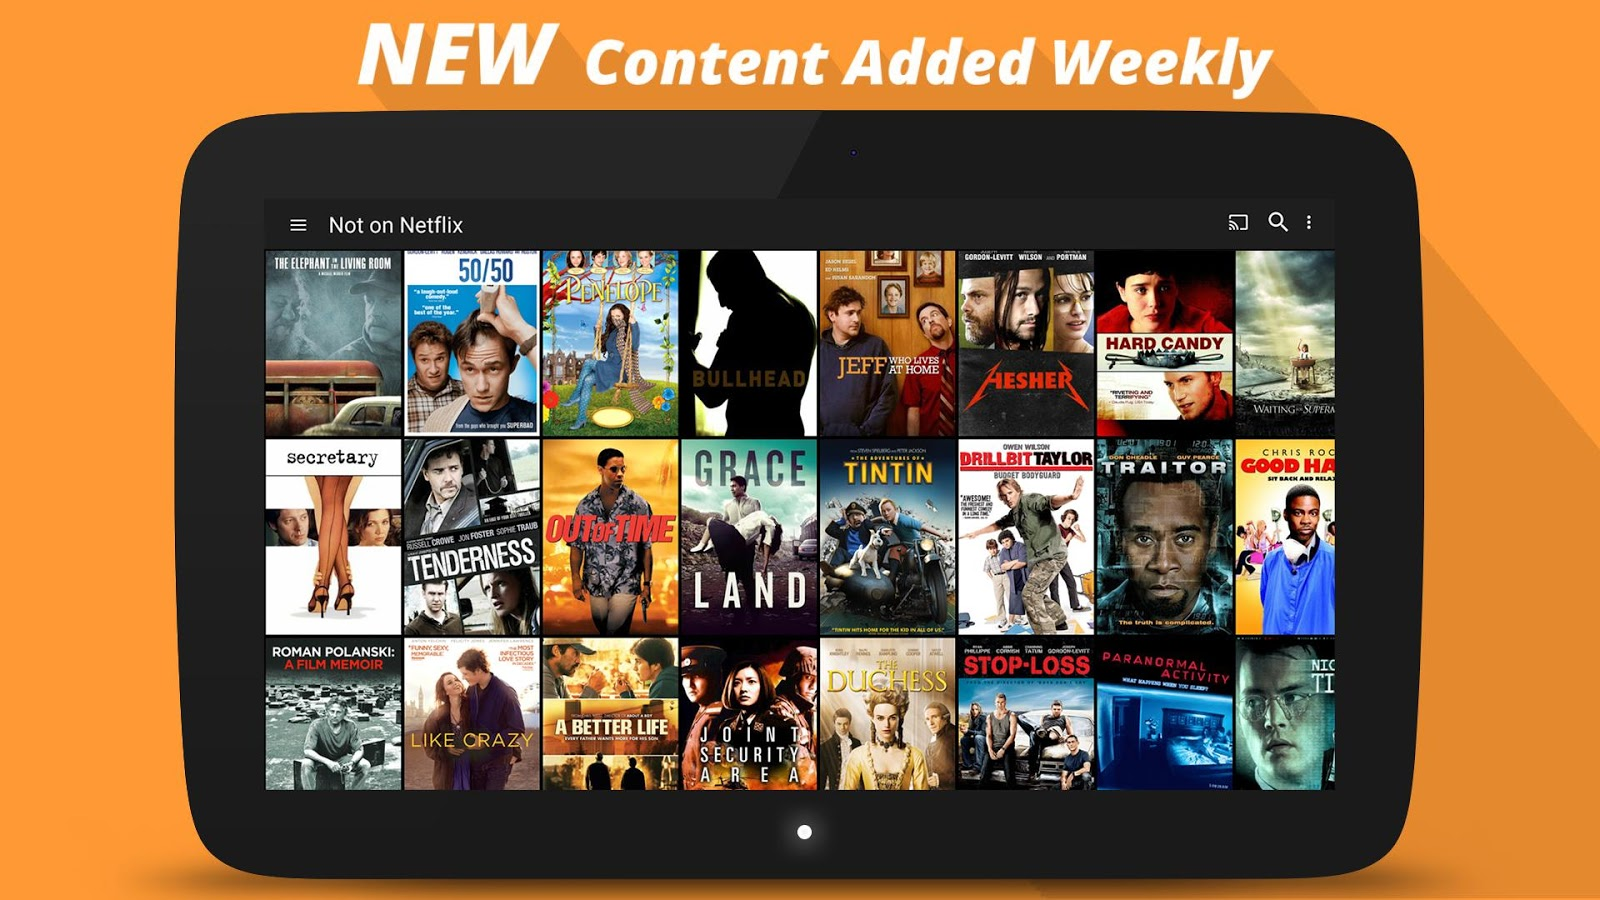 R18 5Wx3MYBOXPfZzBm4tgKNbOUZ4ZIzz4R4lVaAw 5LgFtVicZ5uFrZD4In4us9Y8W5=h900 - Download Free Movies & TV 6.3 APK